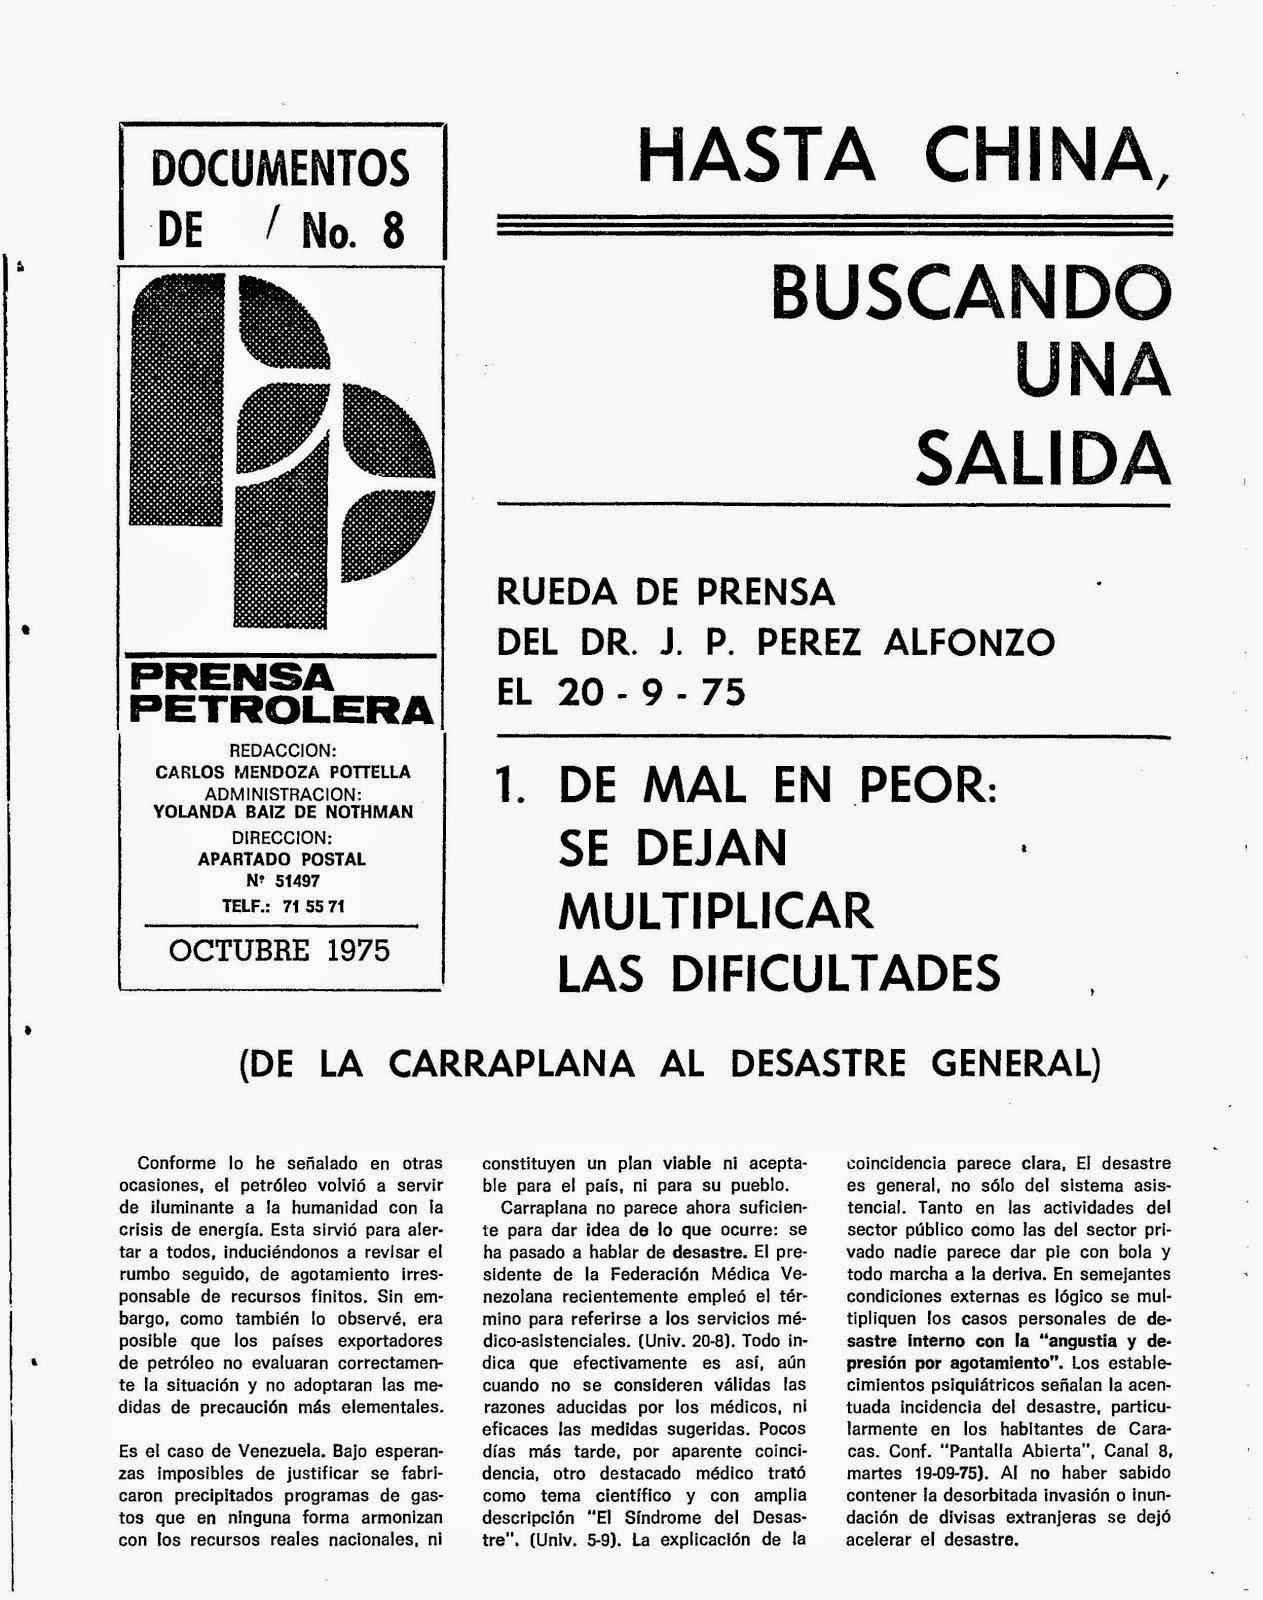 Prensa Petrolera - Documentos Nº 8